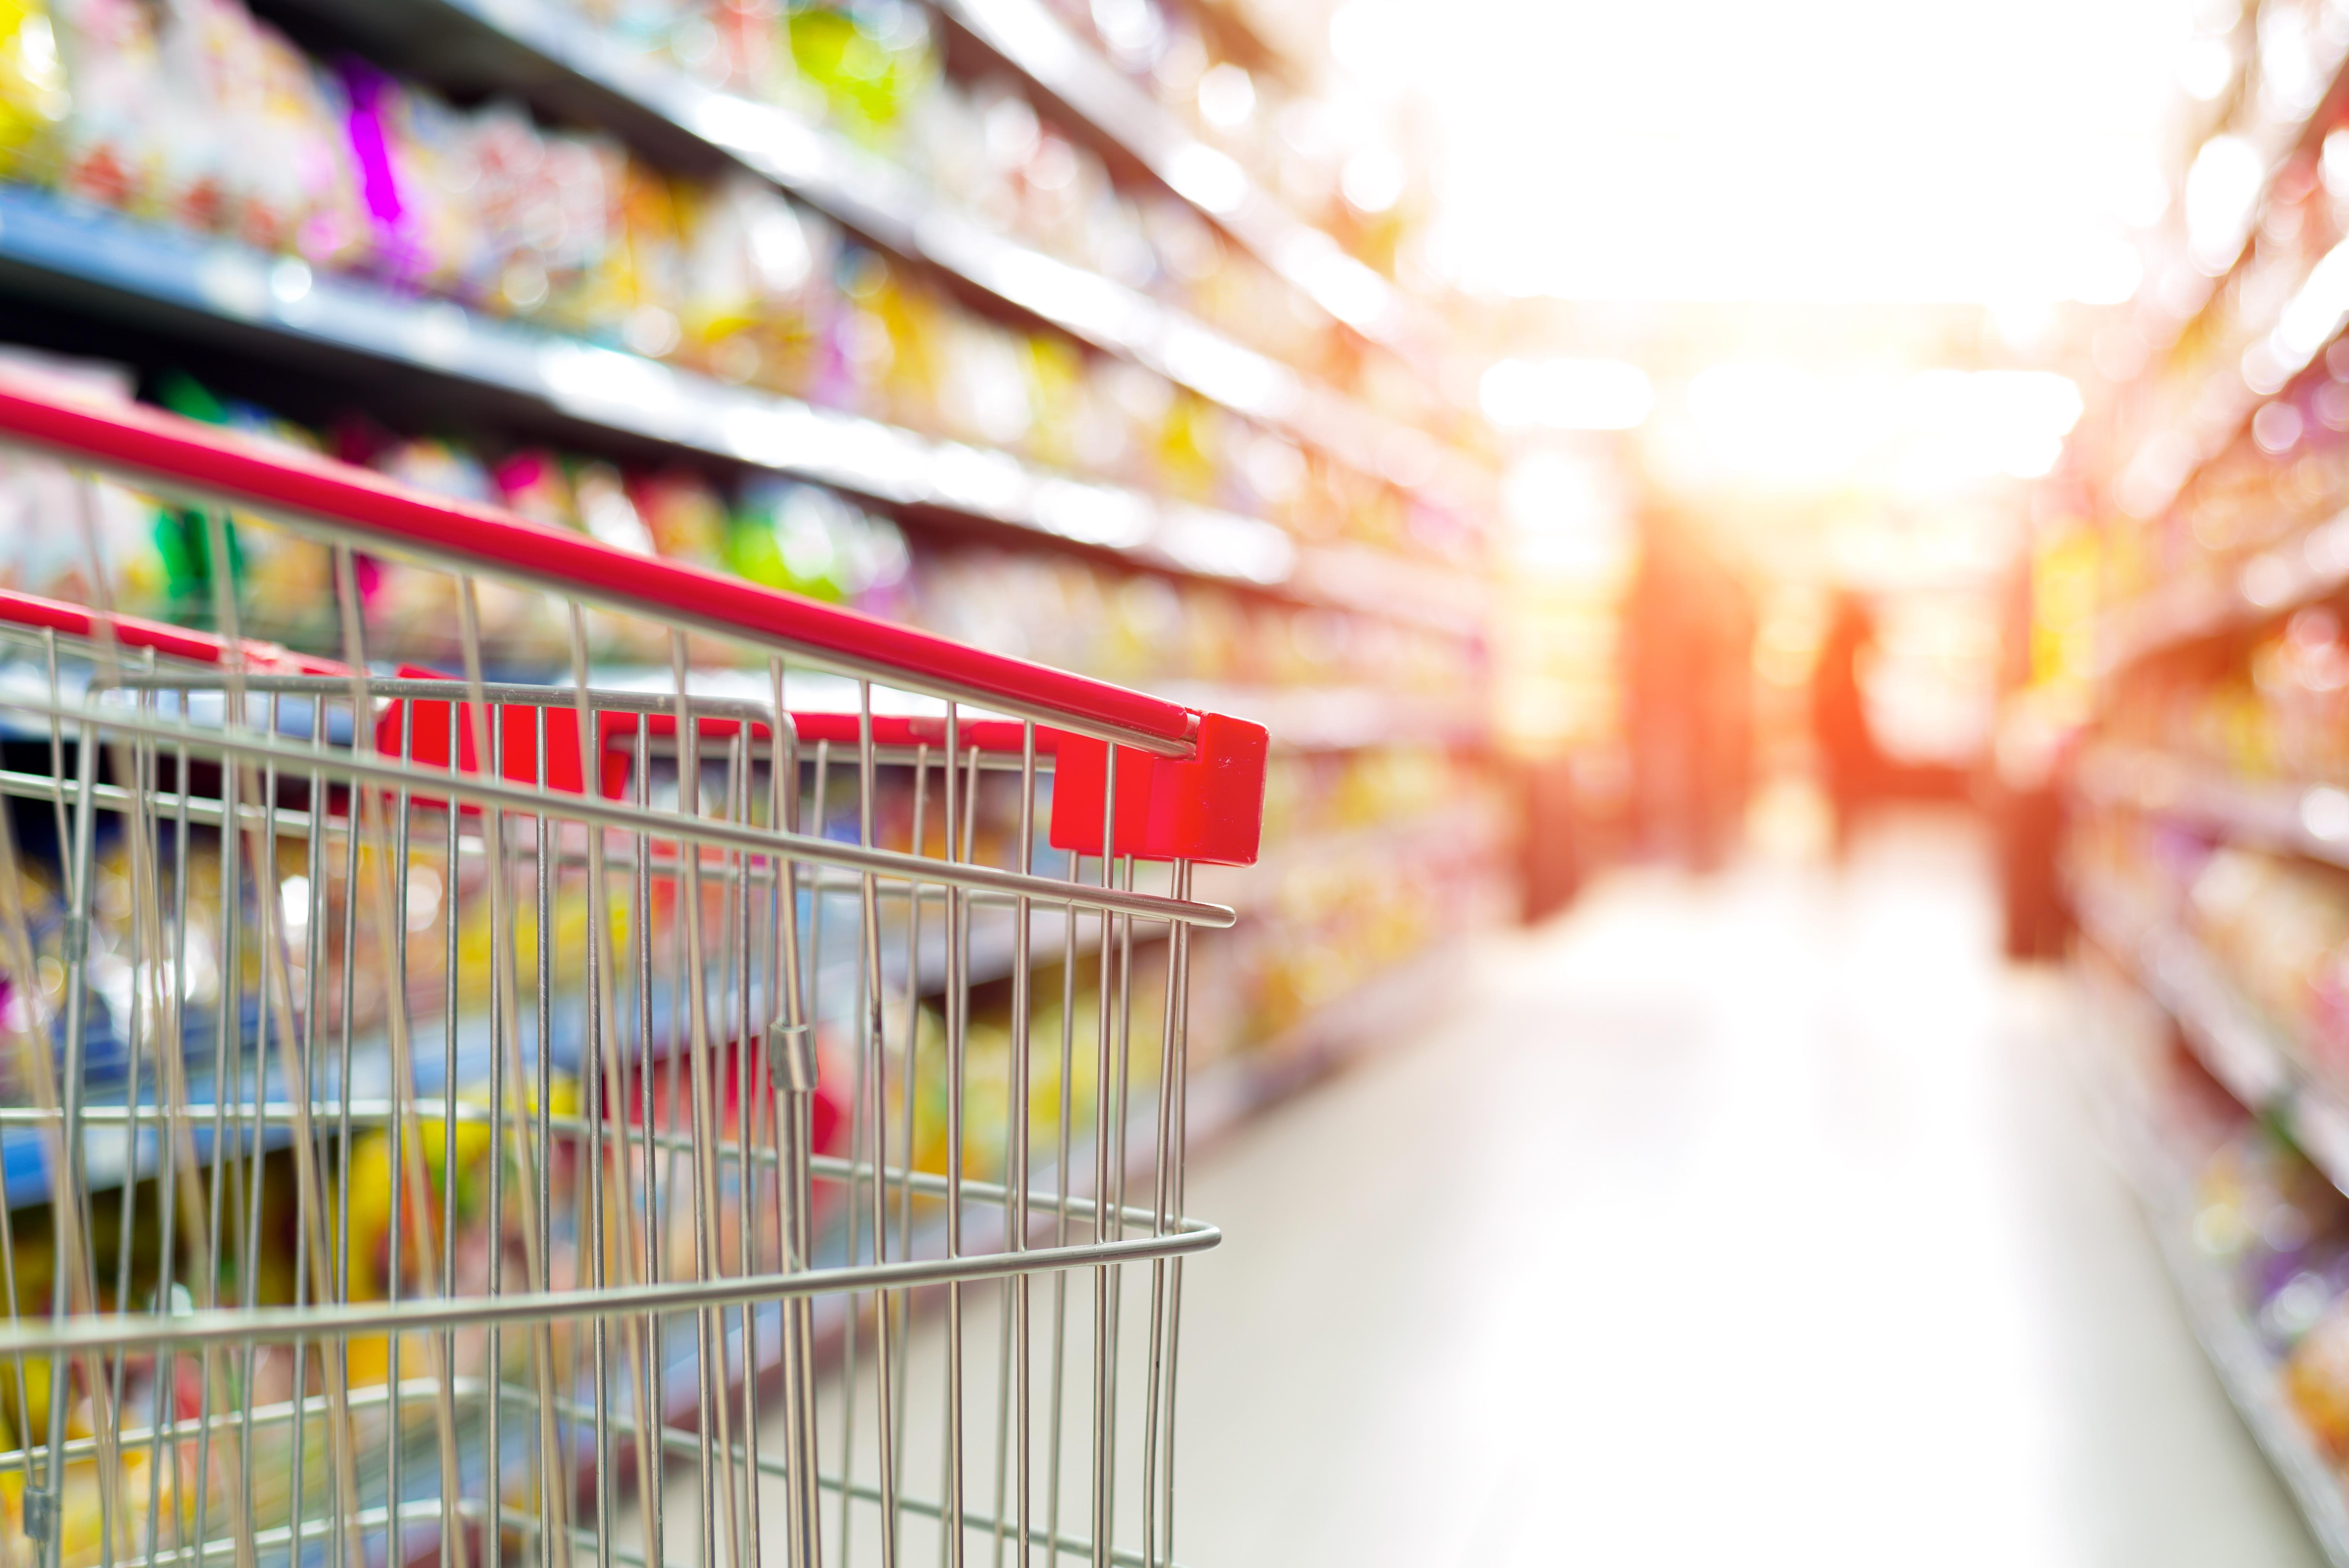 EVOH extends food shelf life